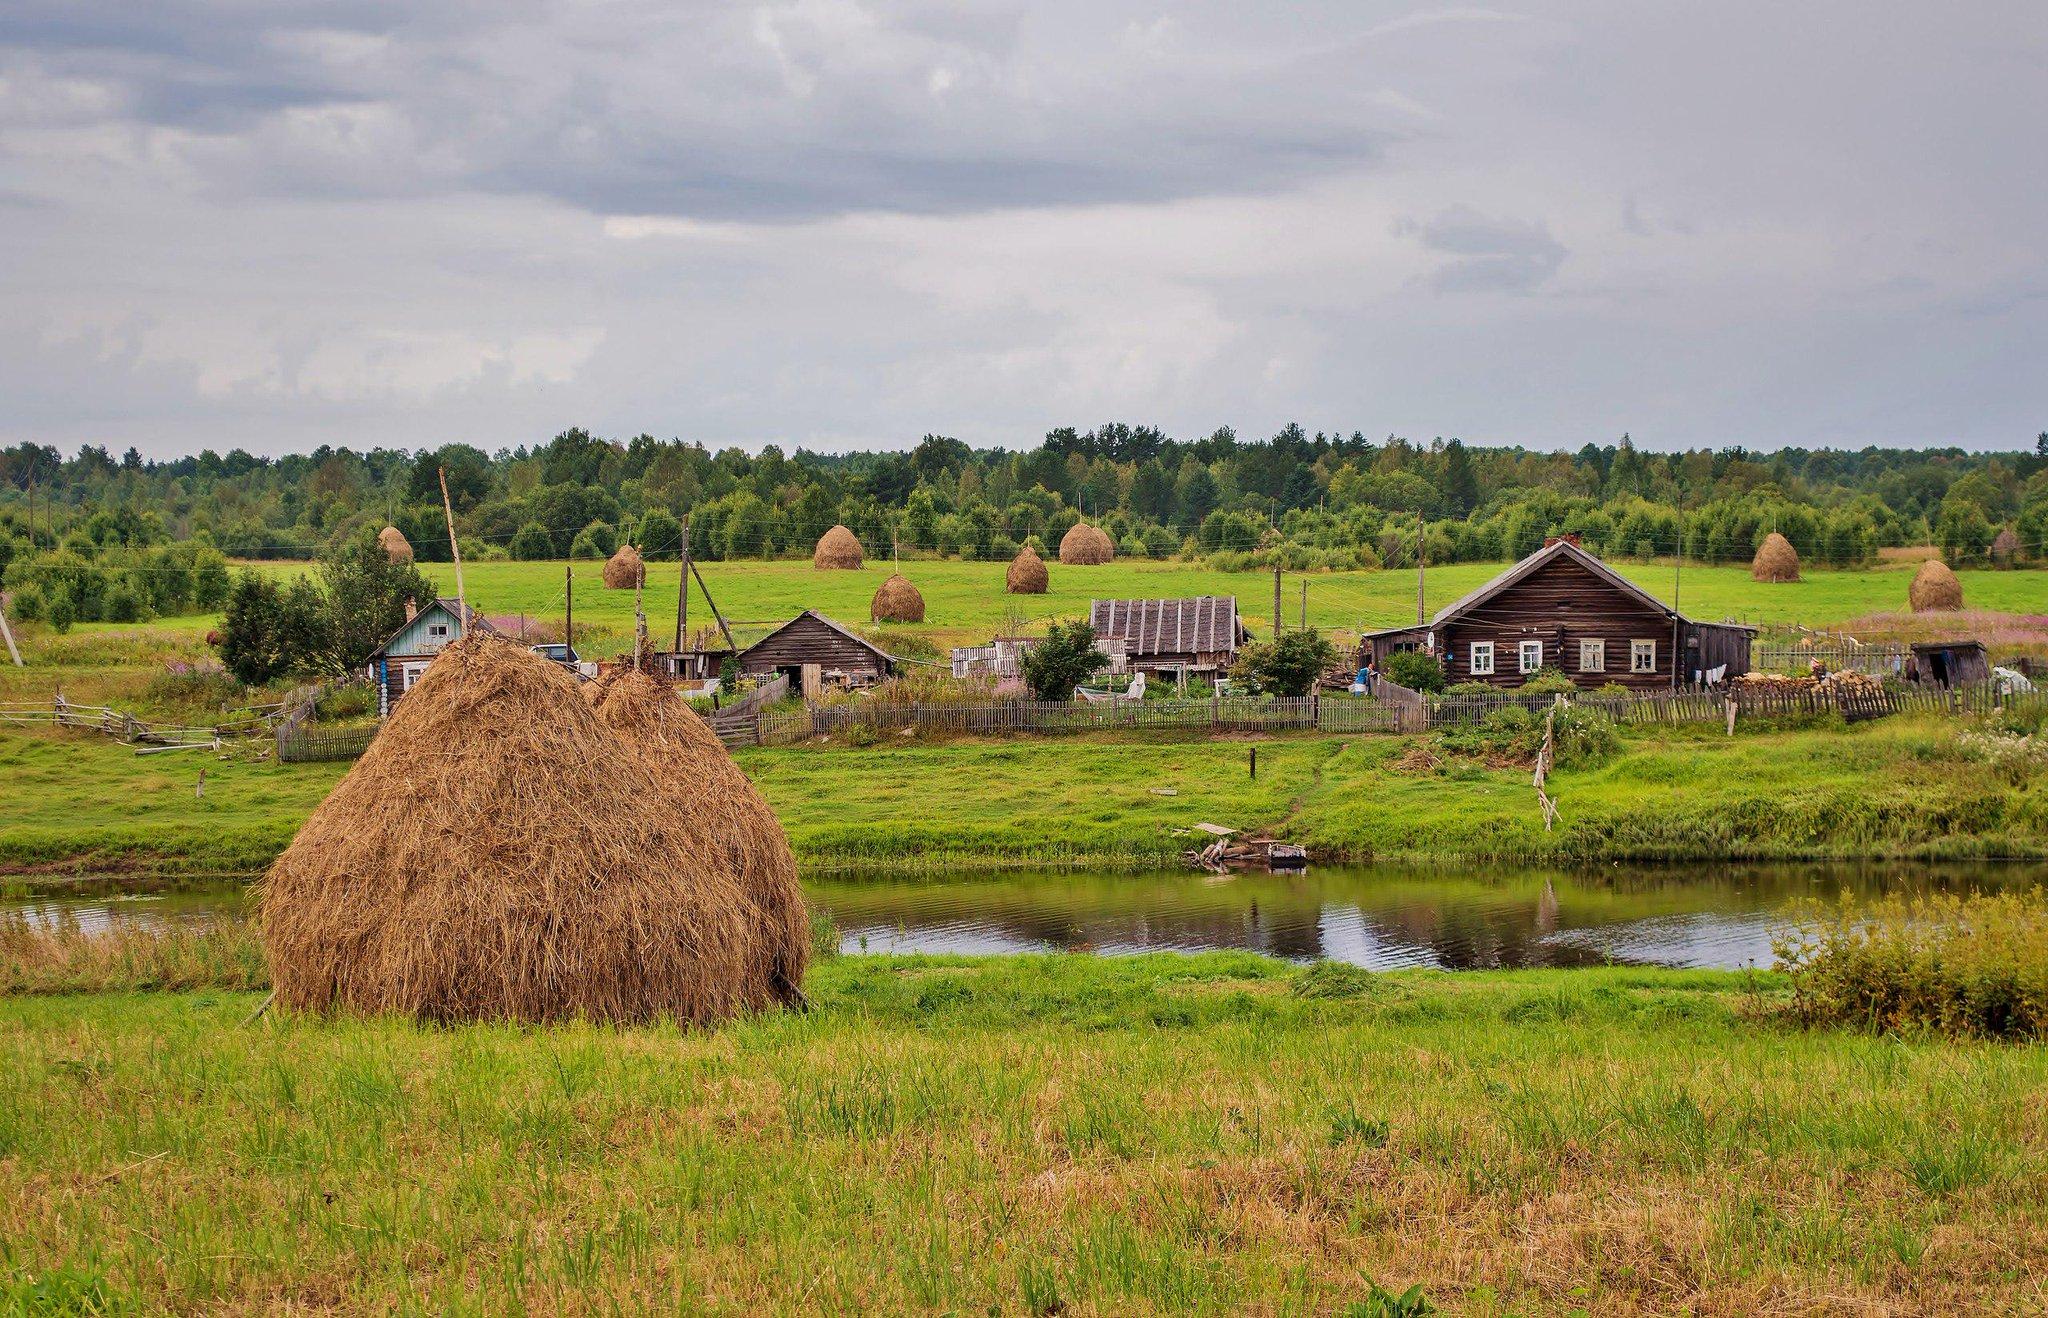 Картинки туруки деревни